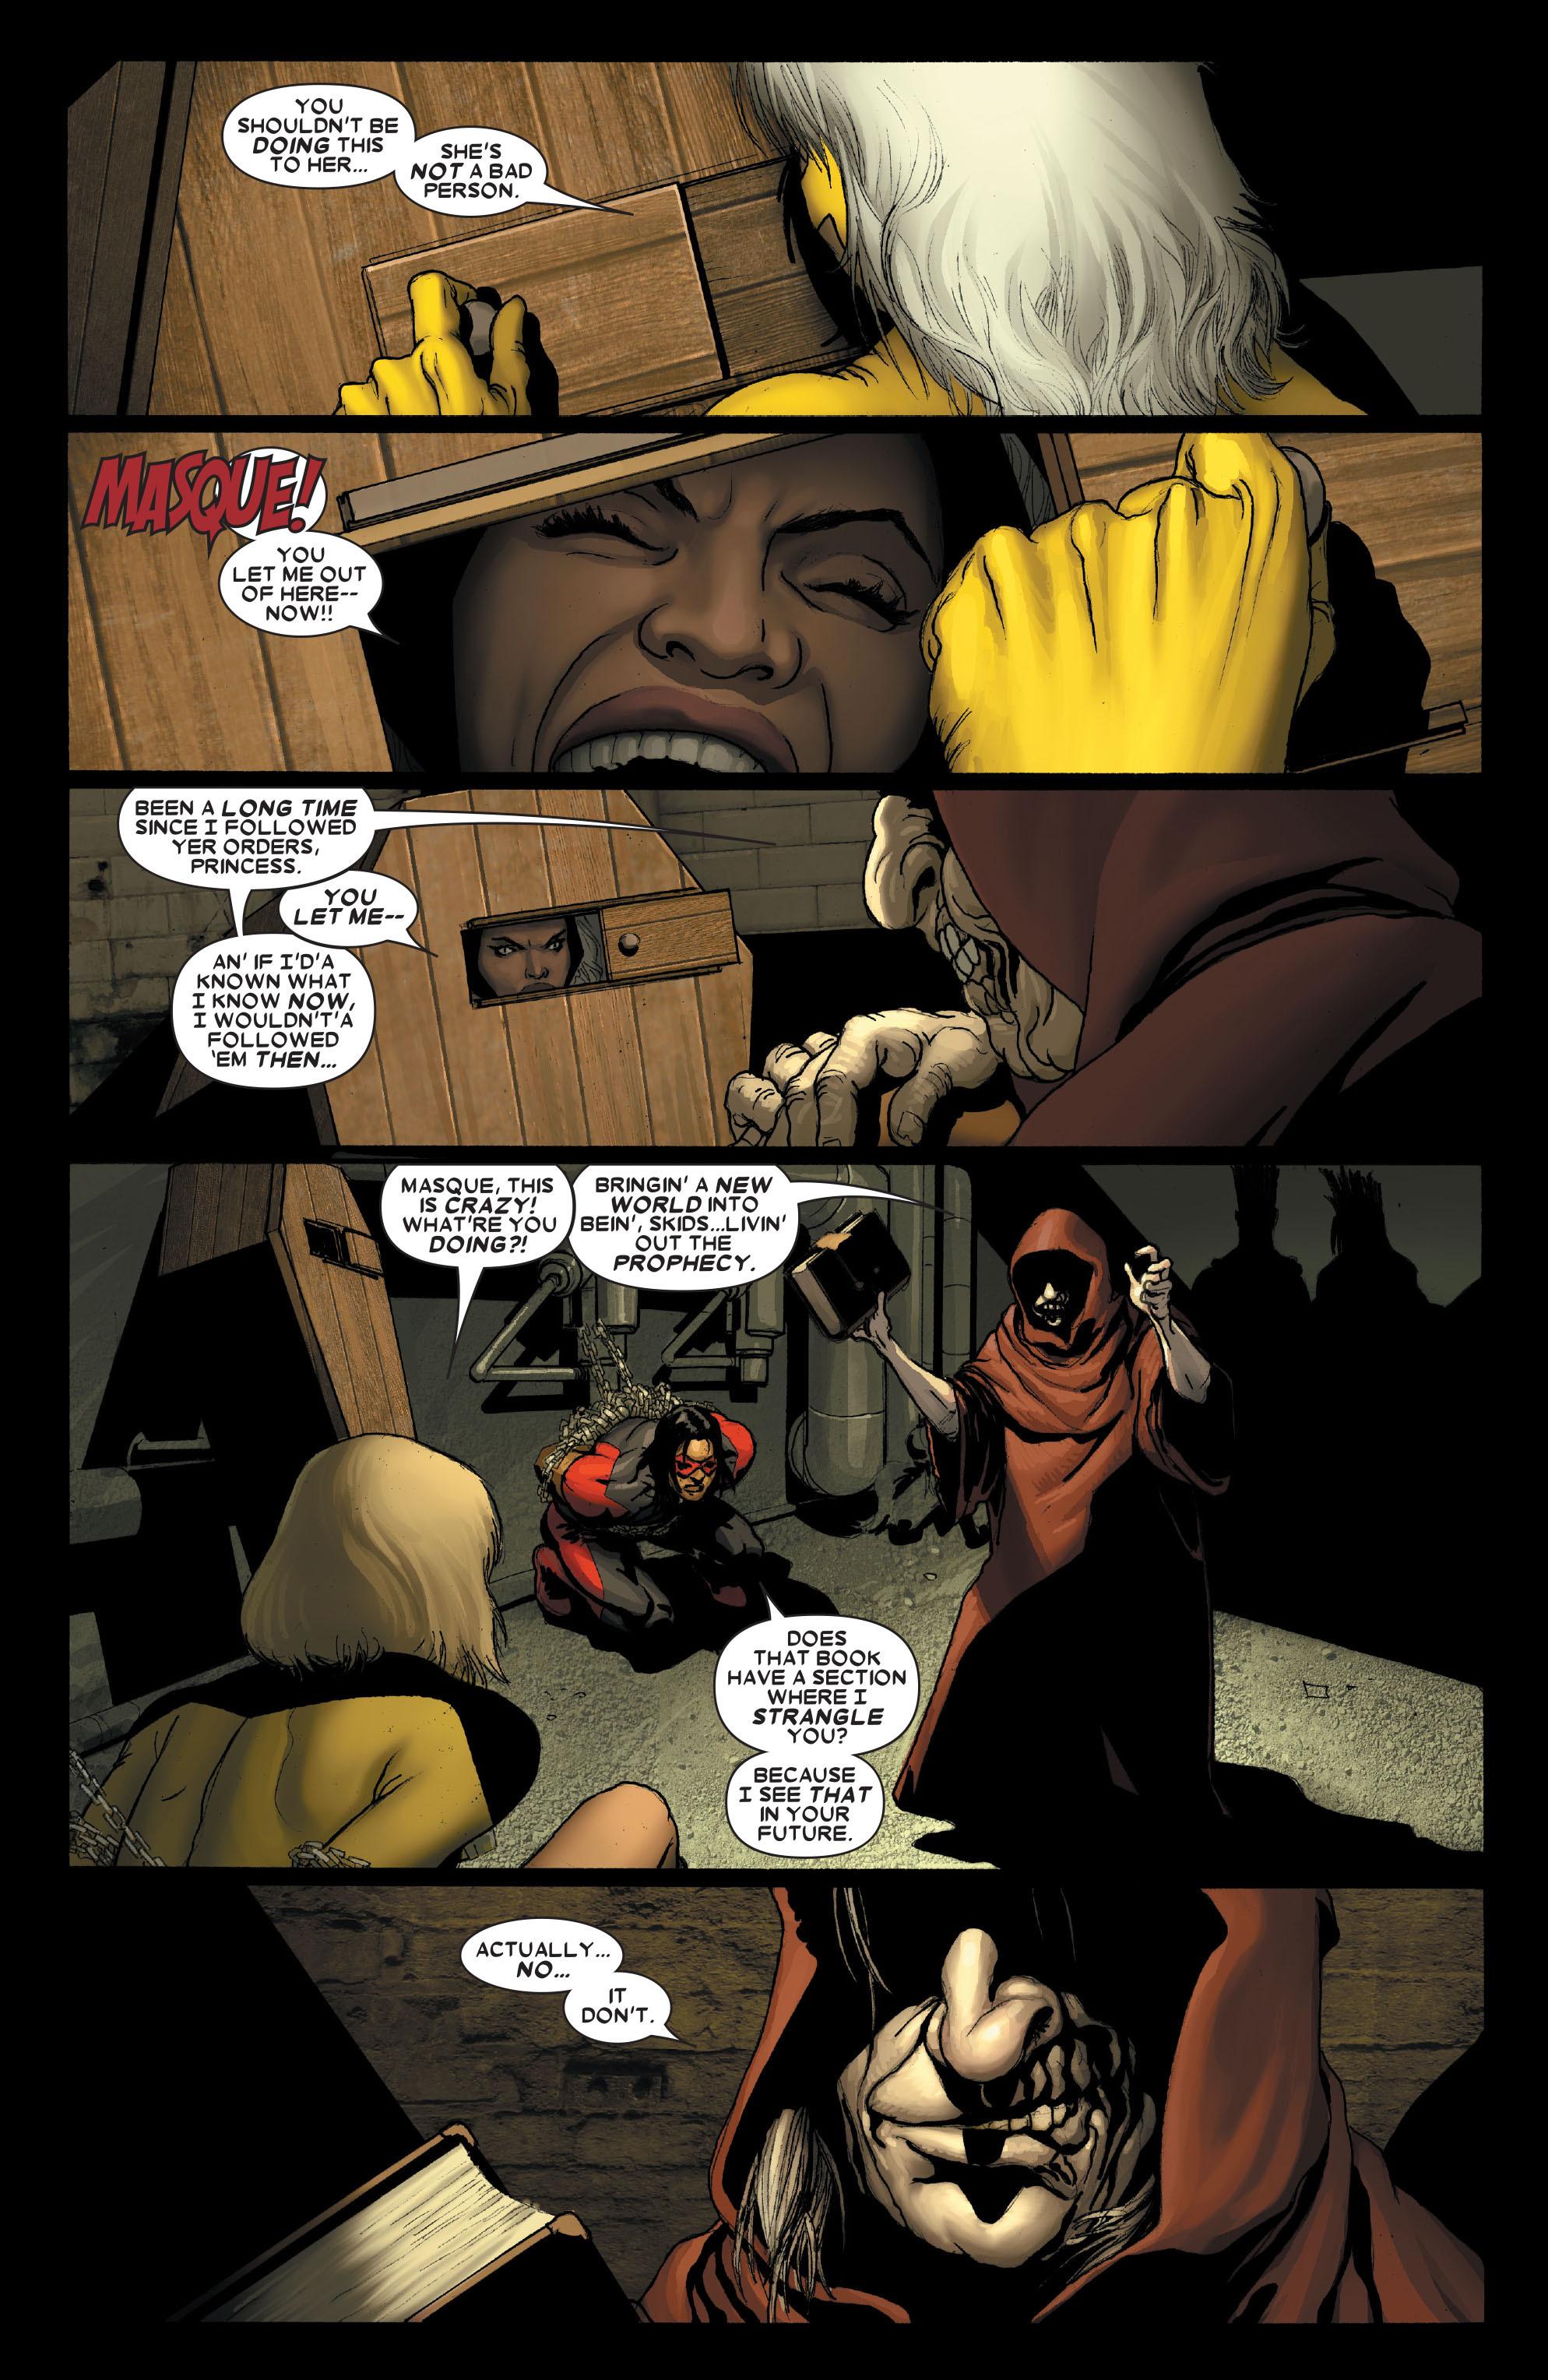 Read online Uncanny X-Men (1963) comic -  Issue #491 - 5